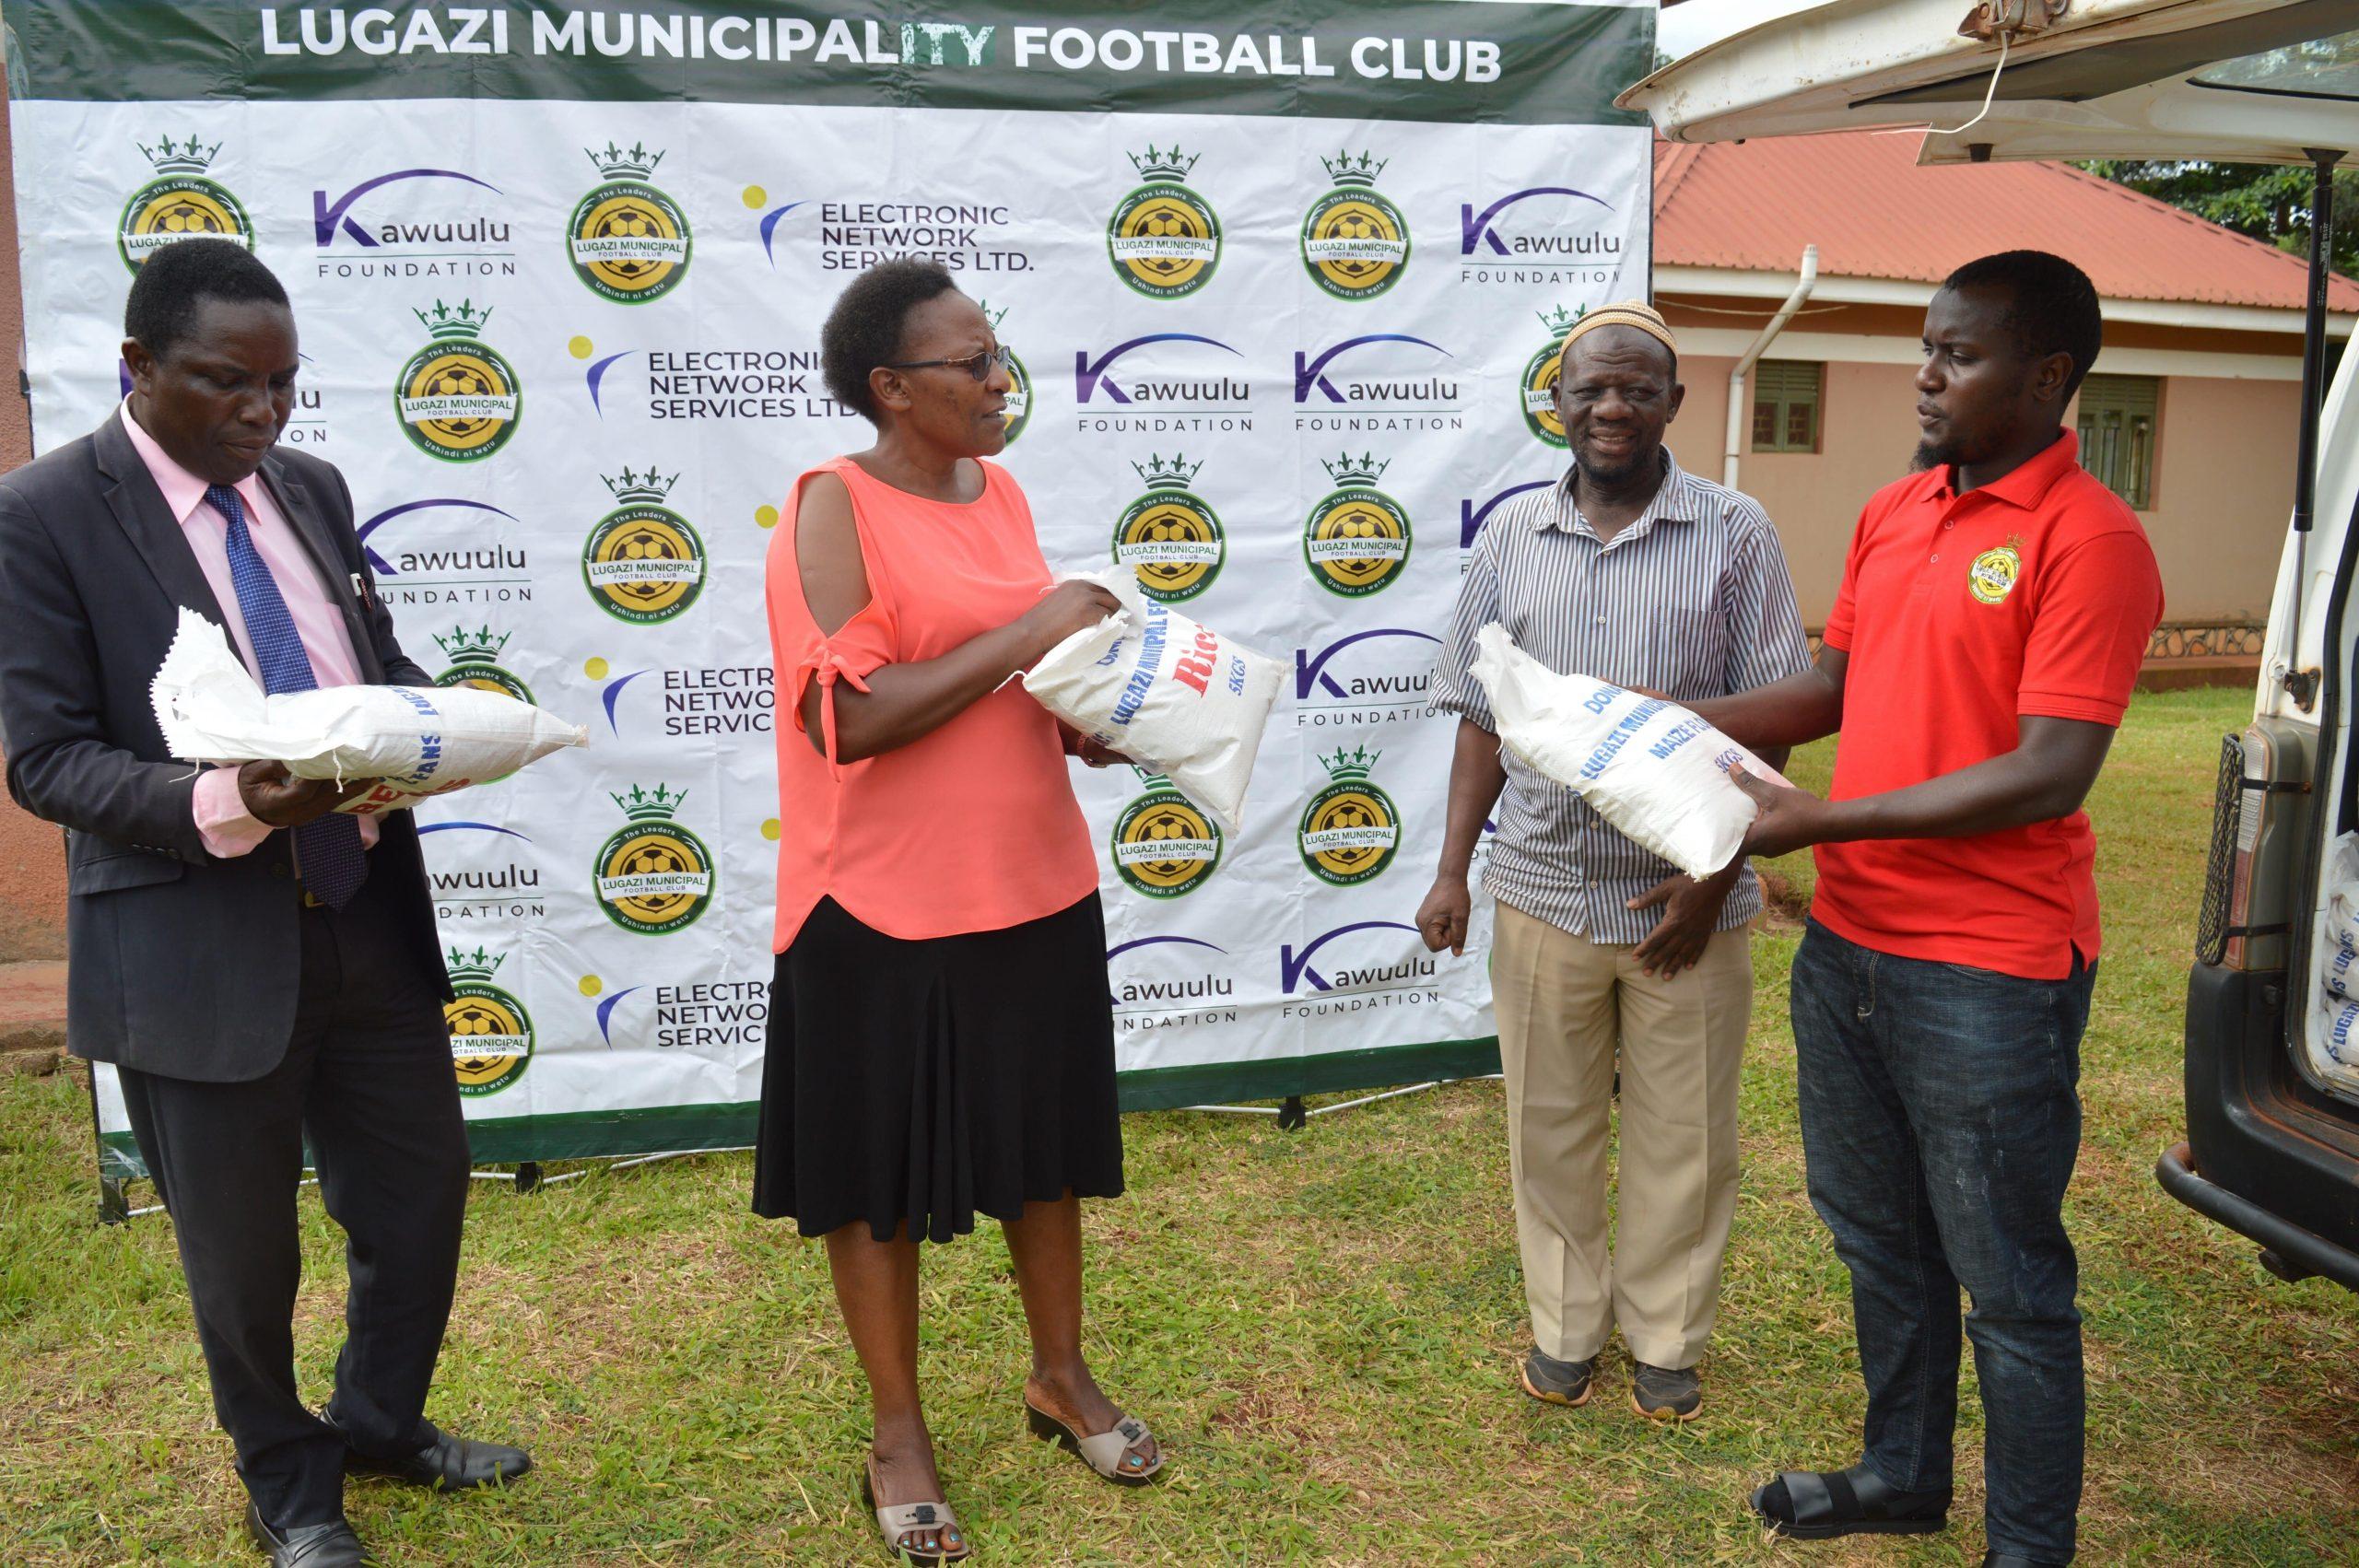 LUGAZI MUNICIPAL FOOTBALL CLUB FANS DONATE FOOD TO THE PLAYERS.